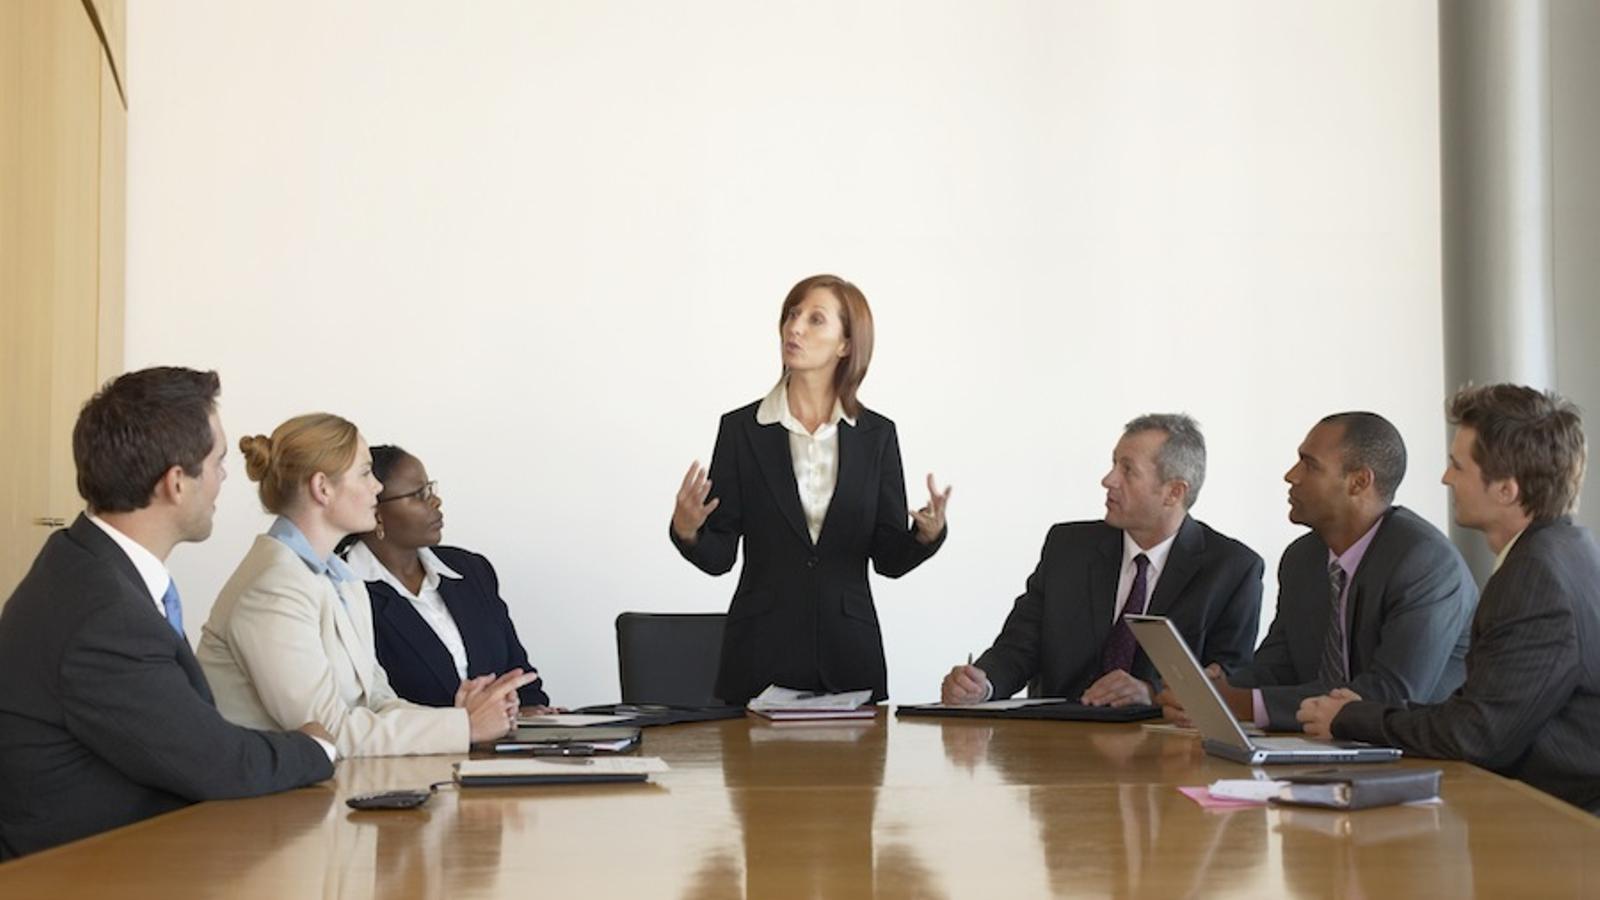 Una dona executiva en una reunió d'empresa / THINKSTOCK